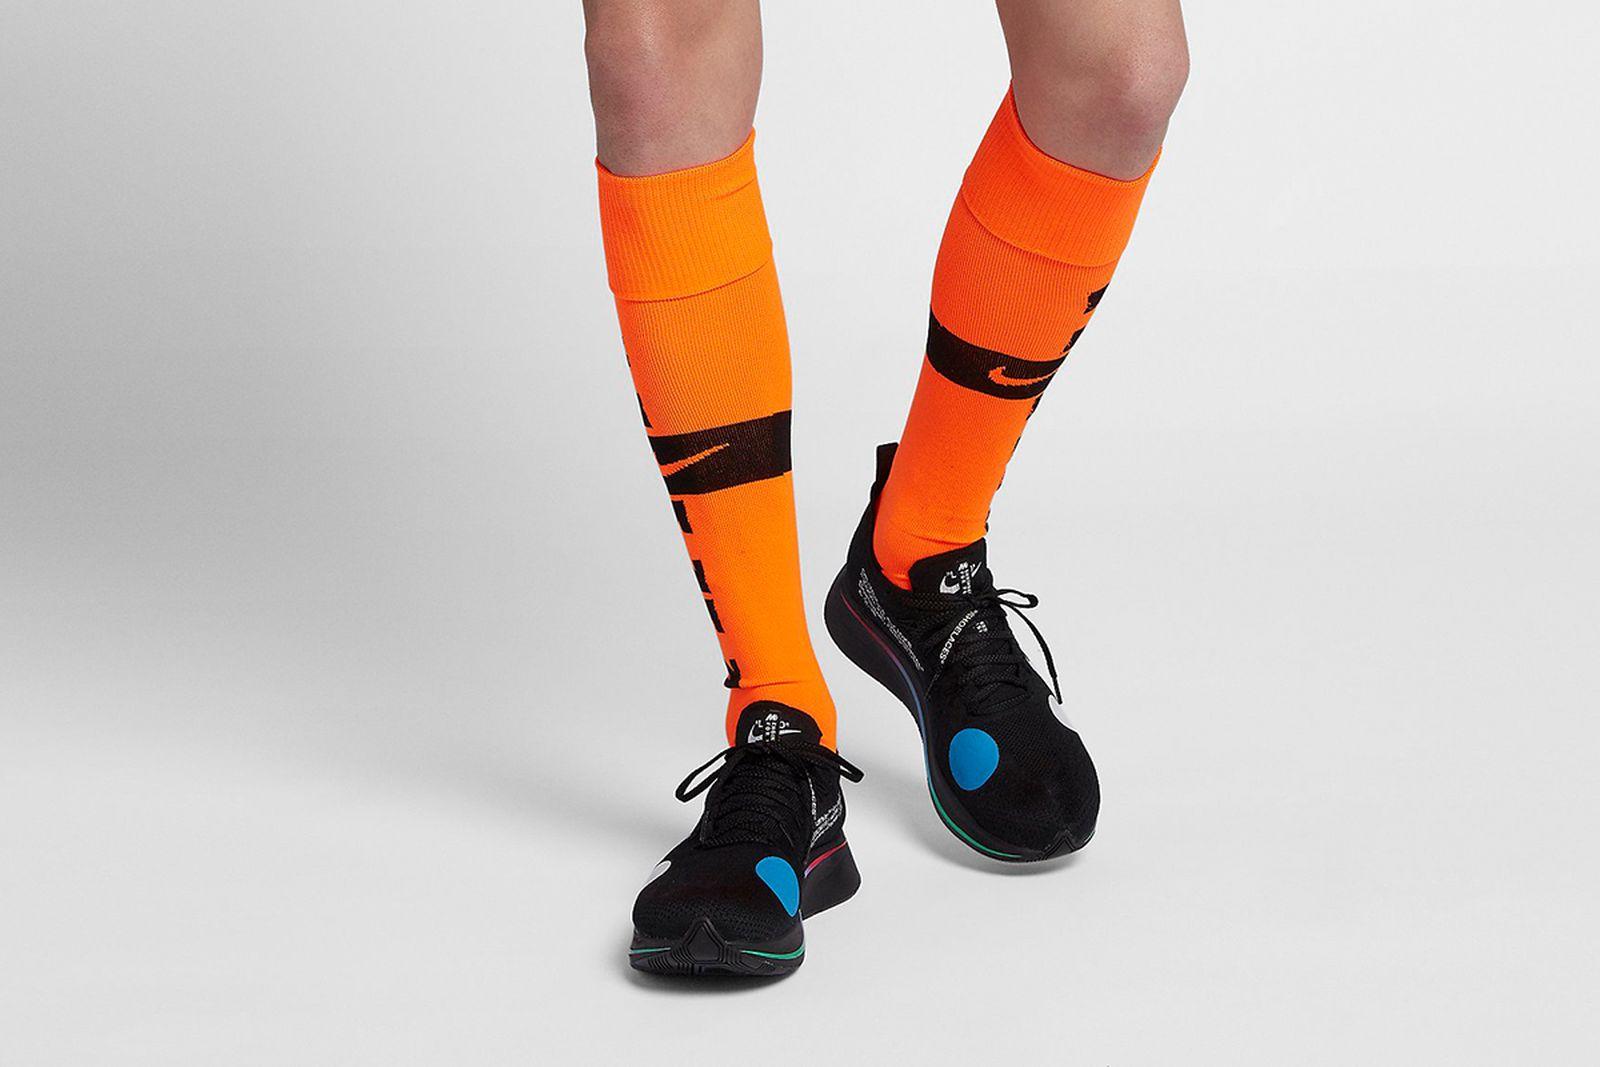 soccer socks orange 2018 FIFA World Cup Nike OFF-WHITE c/o Virgil Abloh